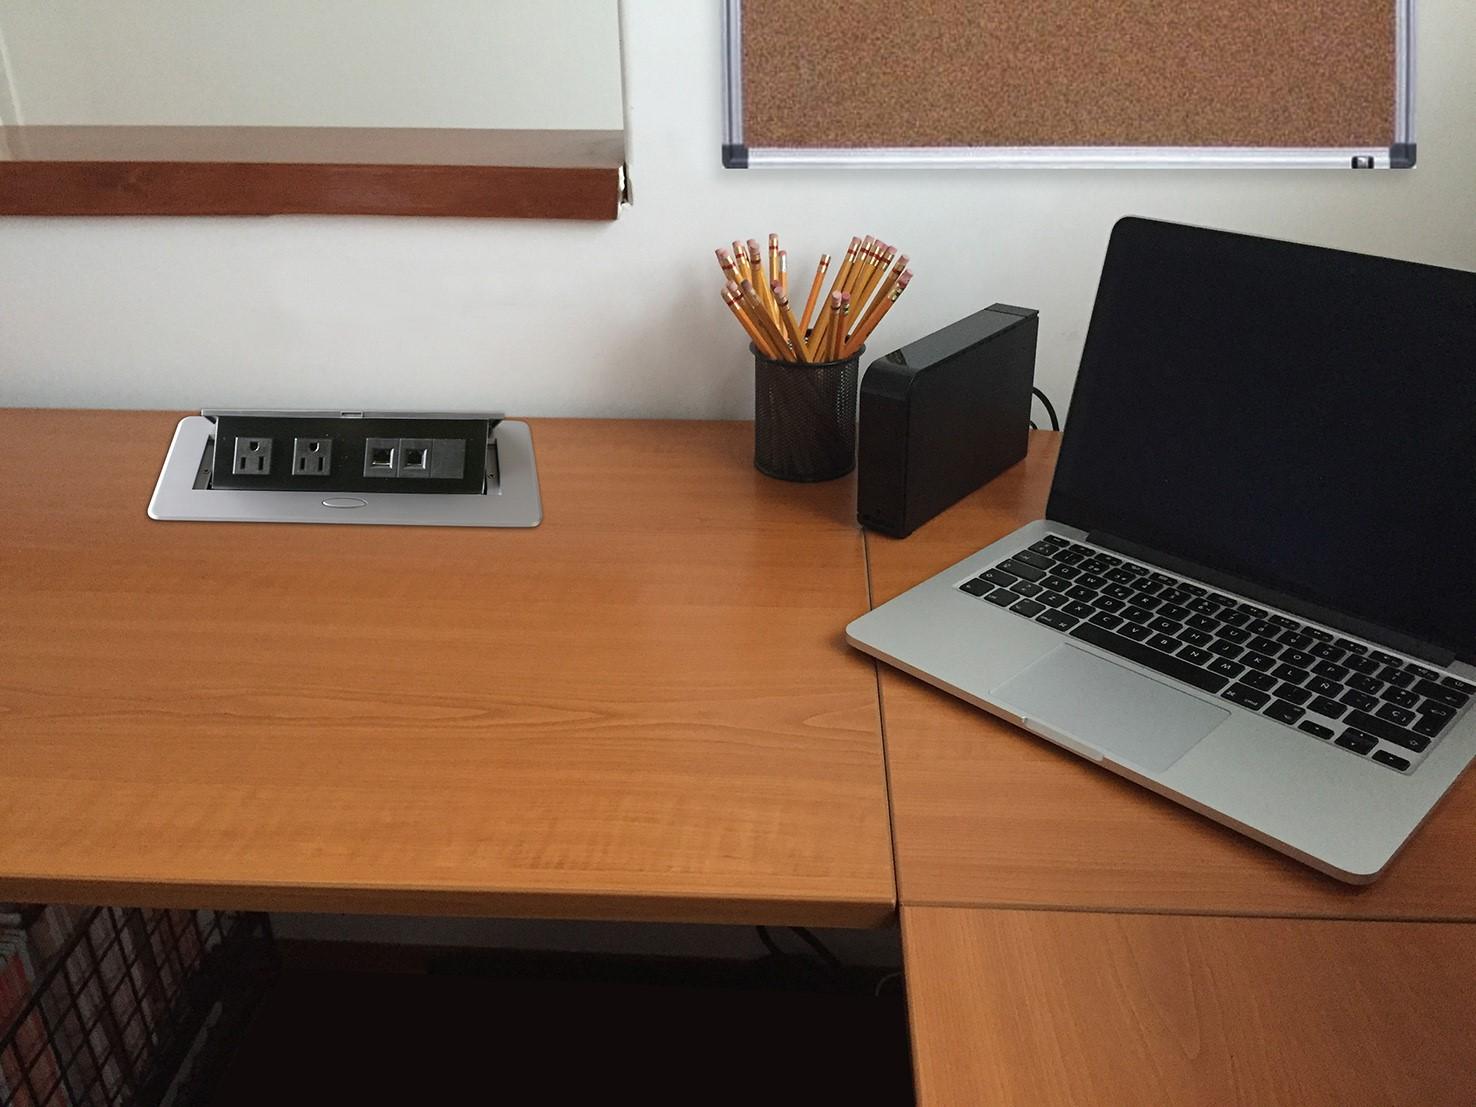 Caja horizonthal de escritorio - Escritorio pared ...